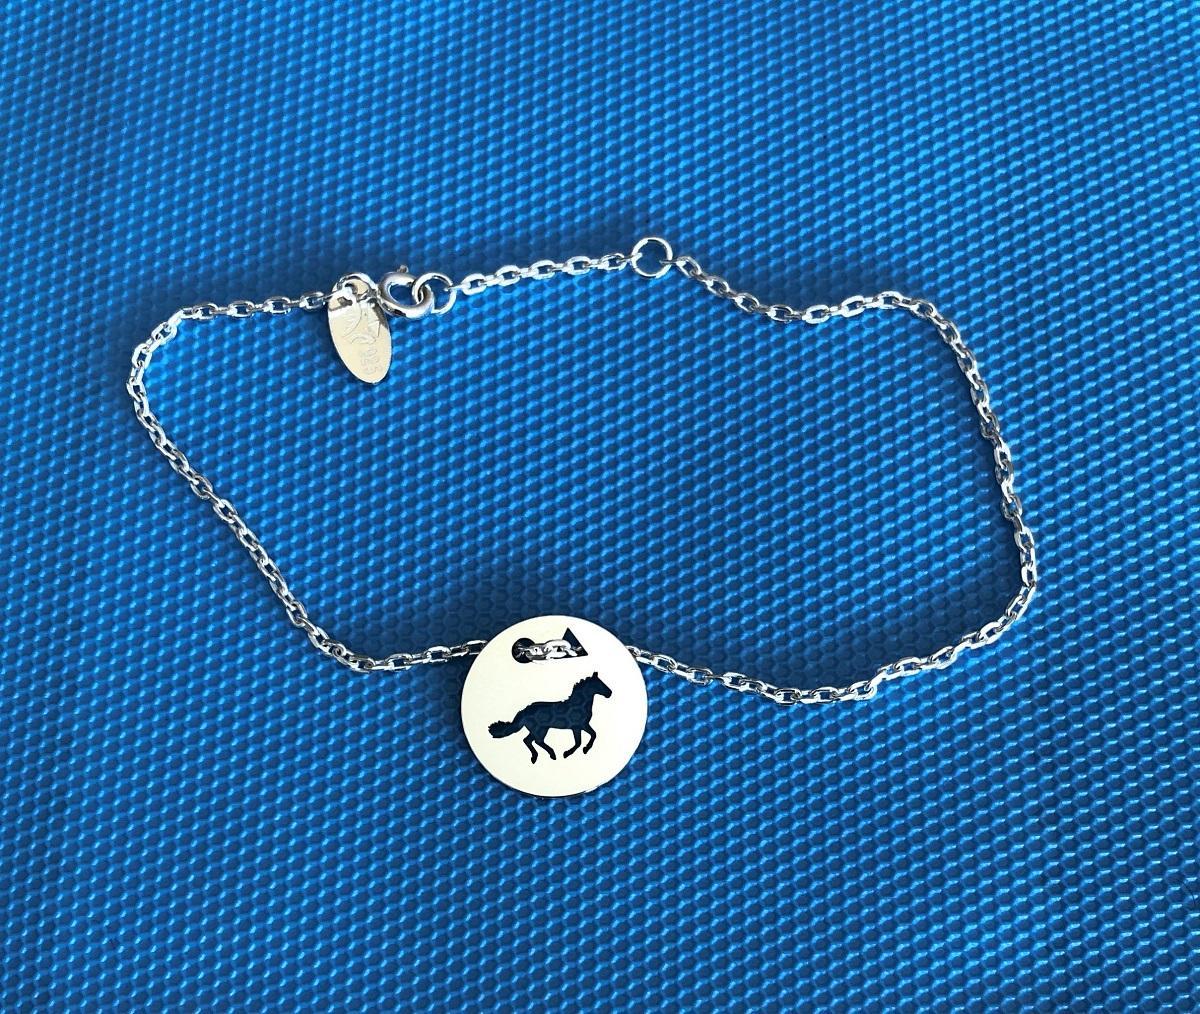 Cheval galop brac chaine f bleu